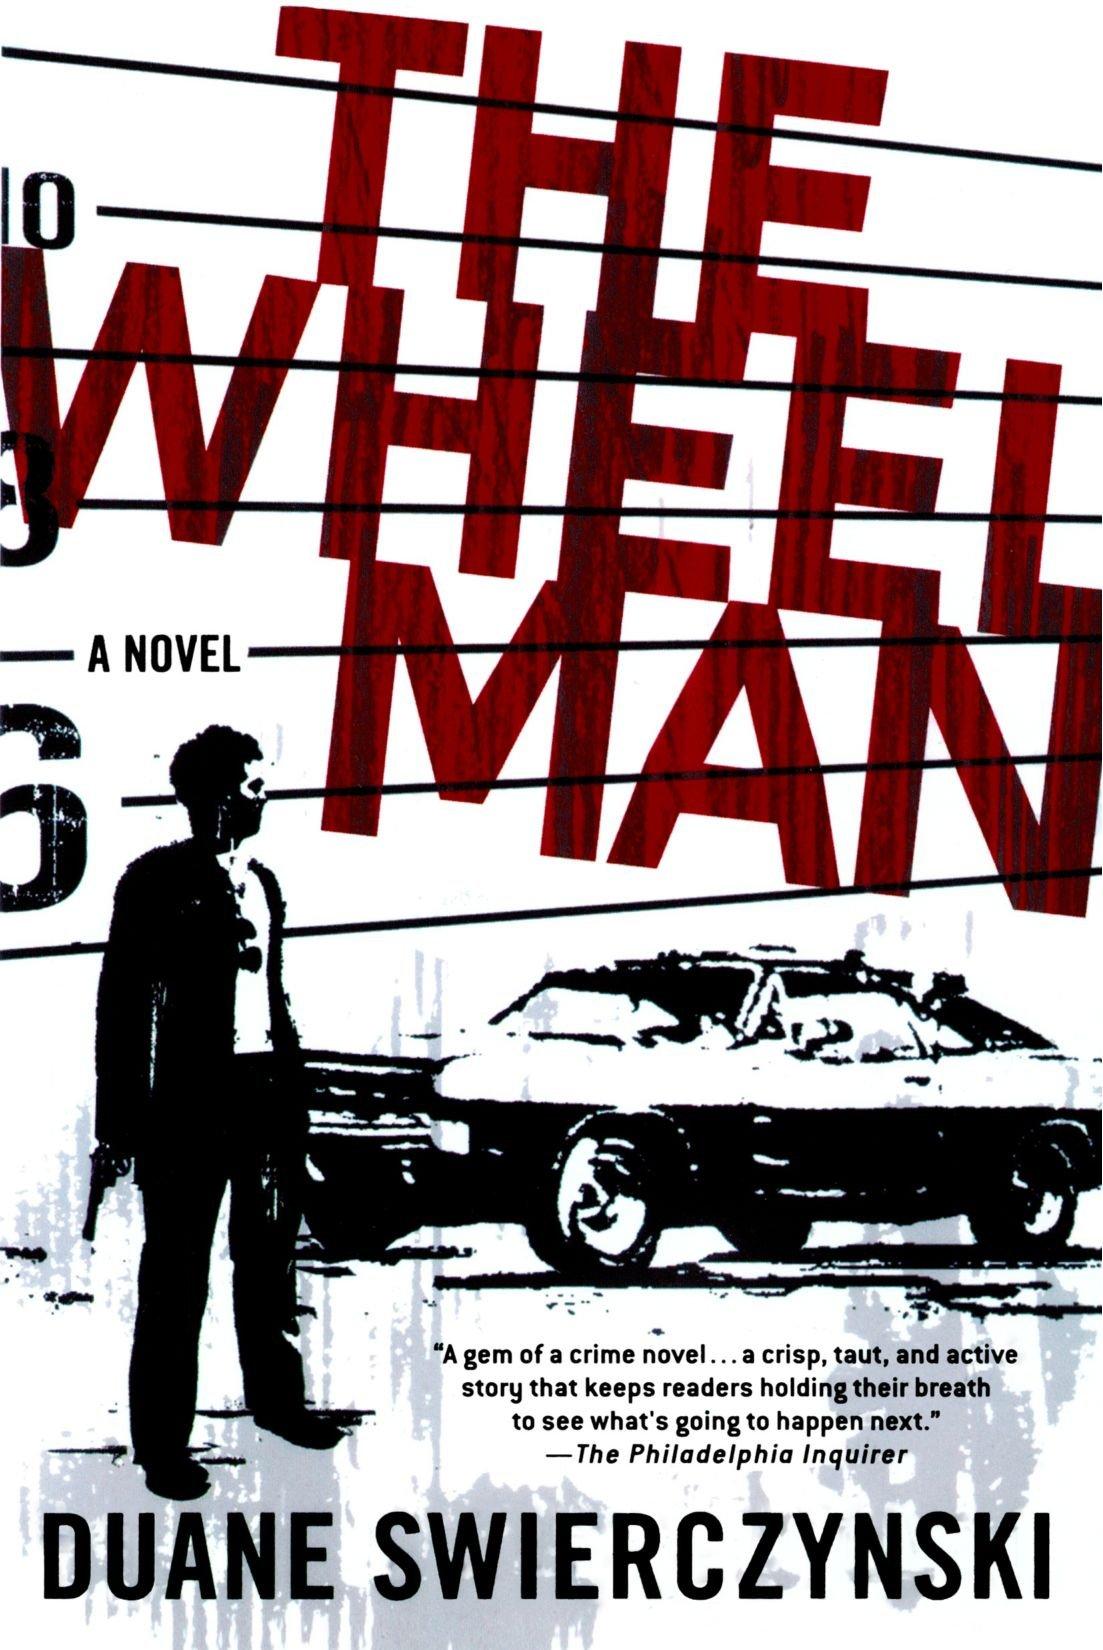 Amazon: The Wheelman: A Novel (9780312343781): Duane Swierczynski: Books